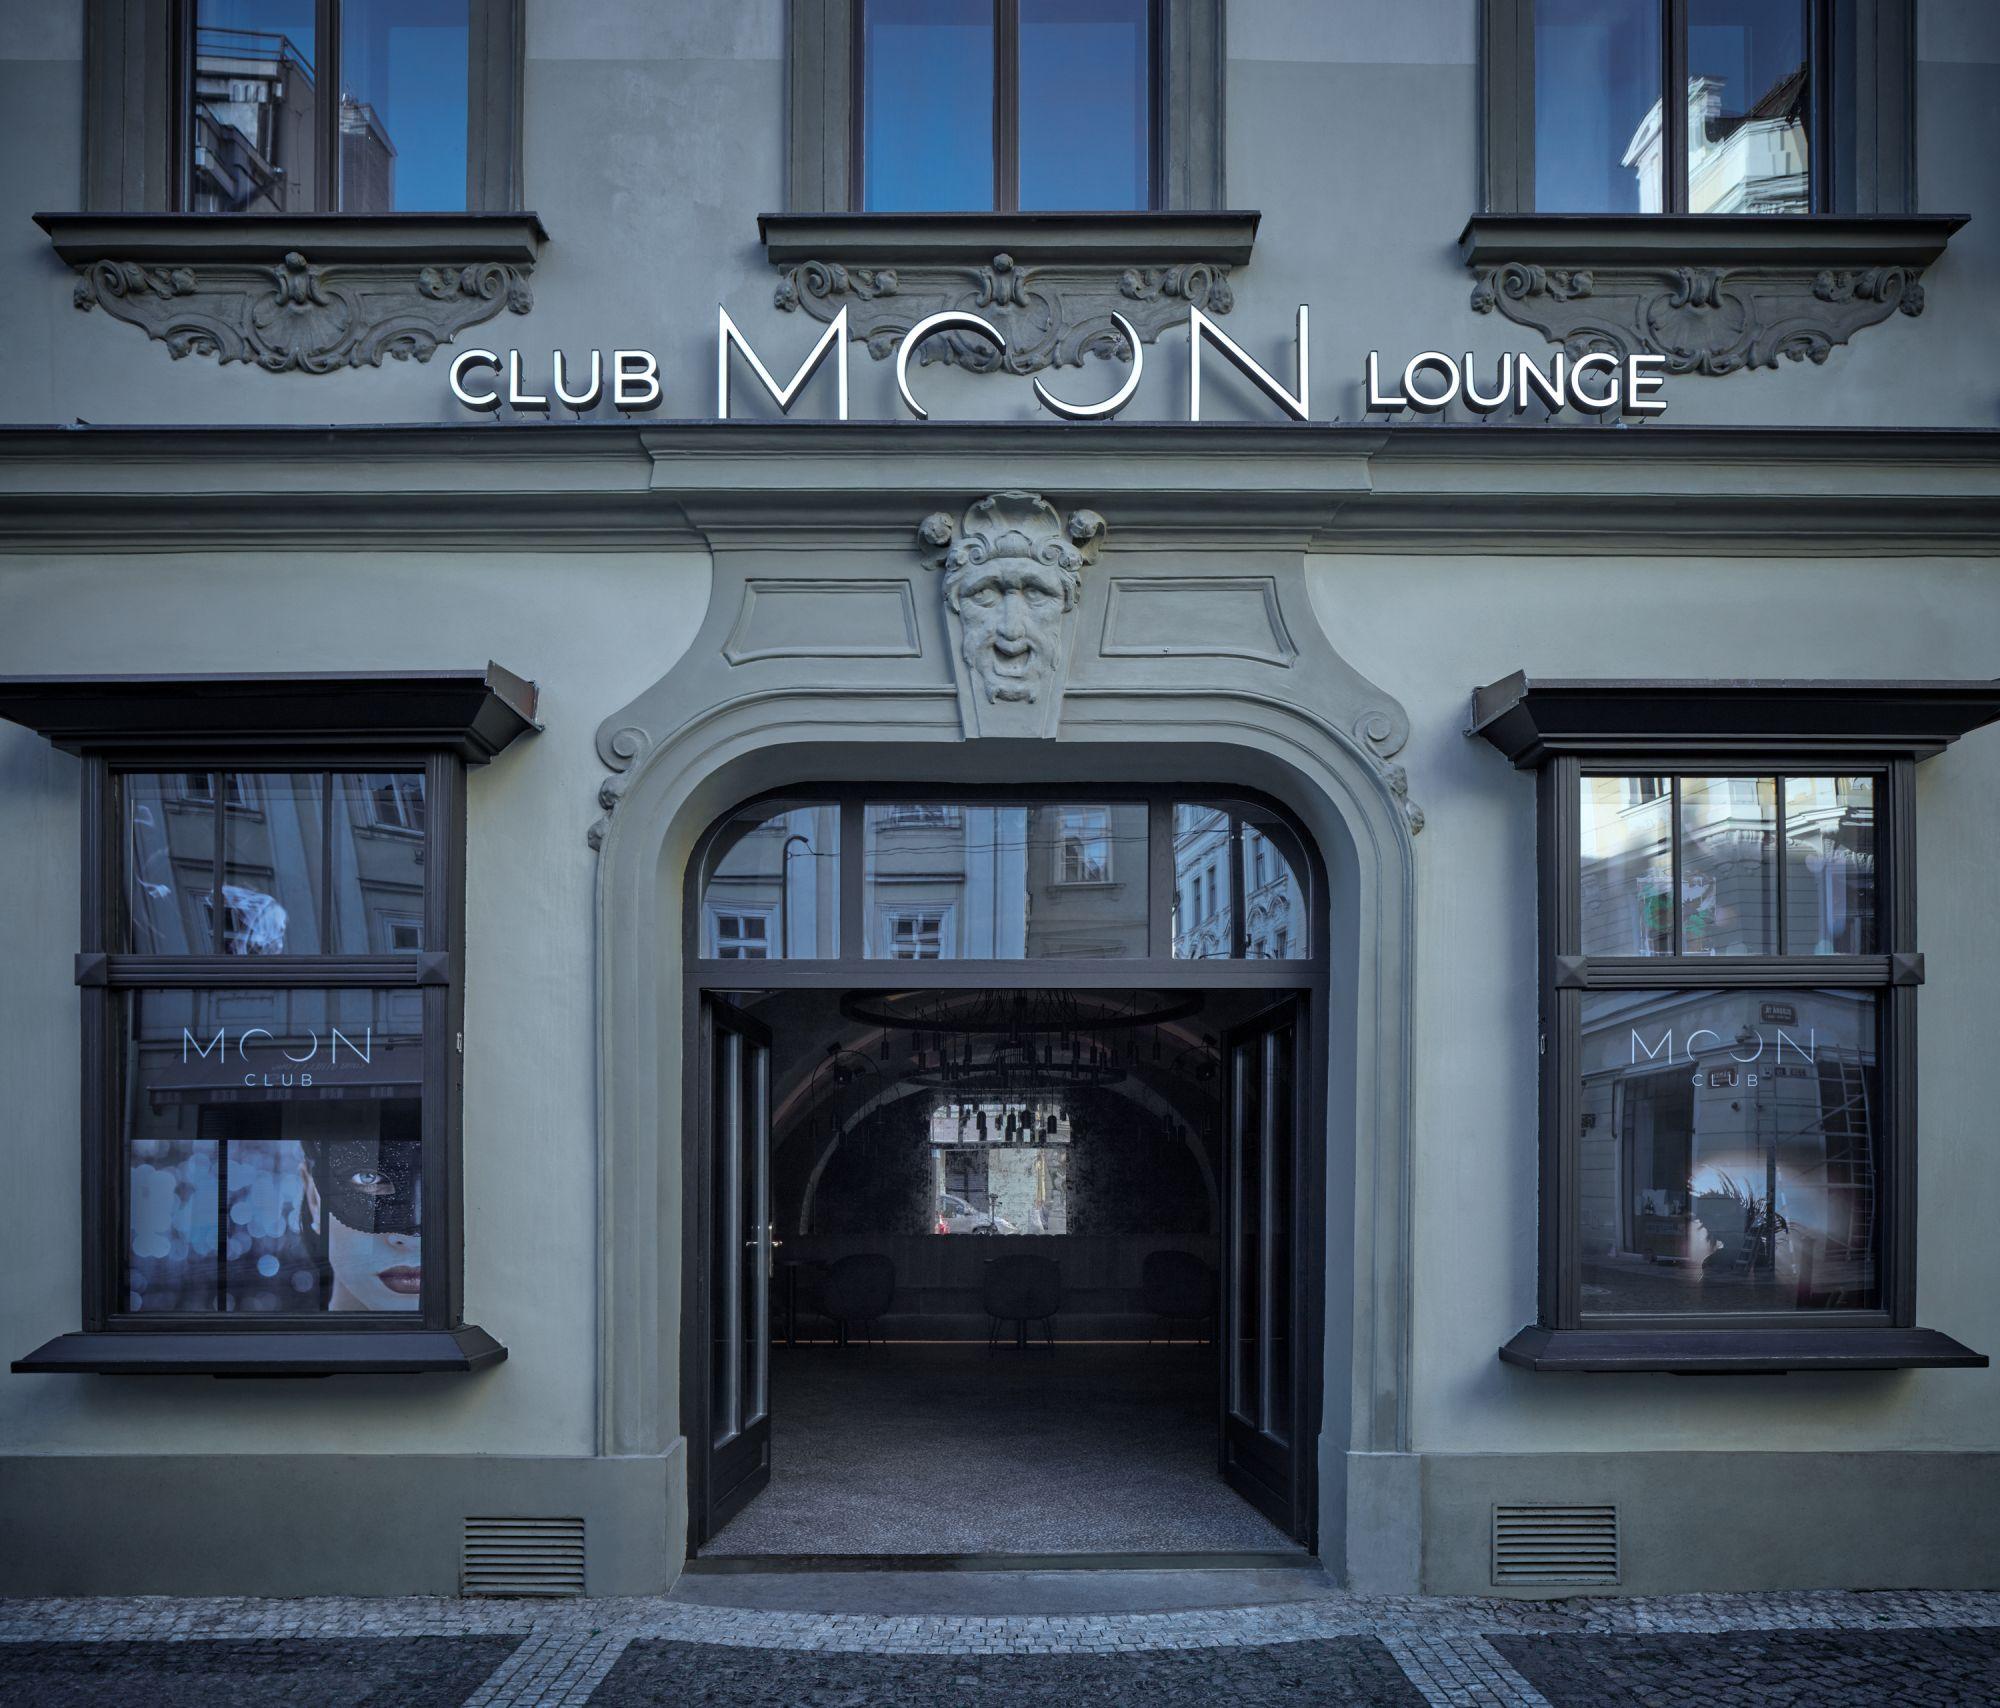 月光迤邐下的捷克酒吧!Moon Club將夜色搬到室內,打造復古與時尚並存